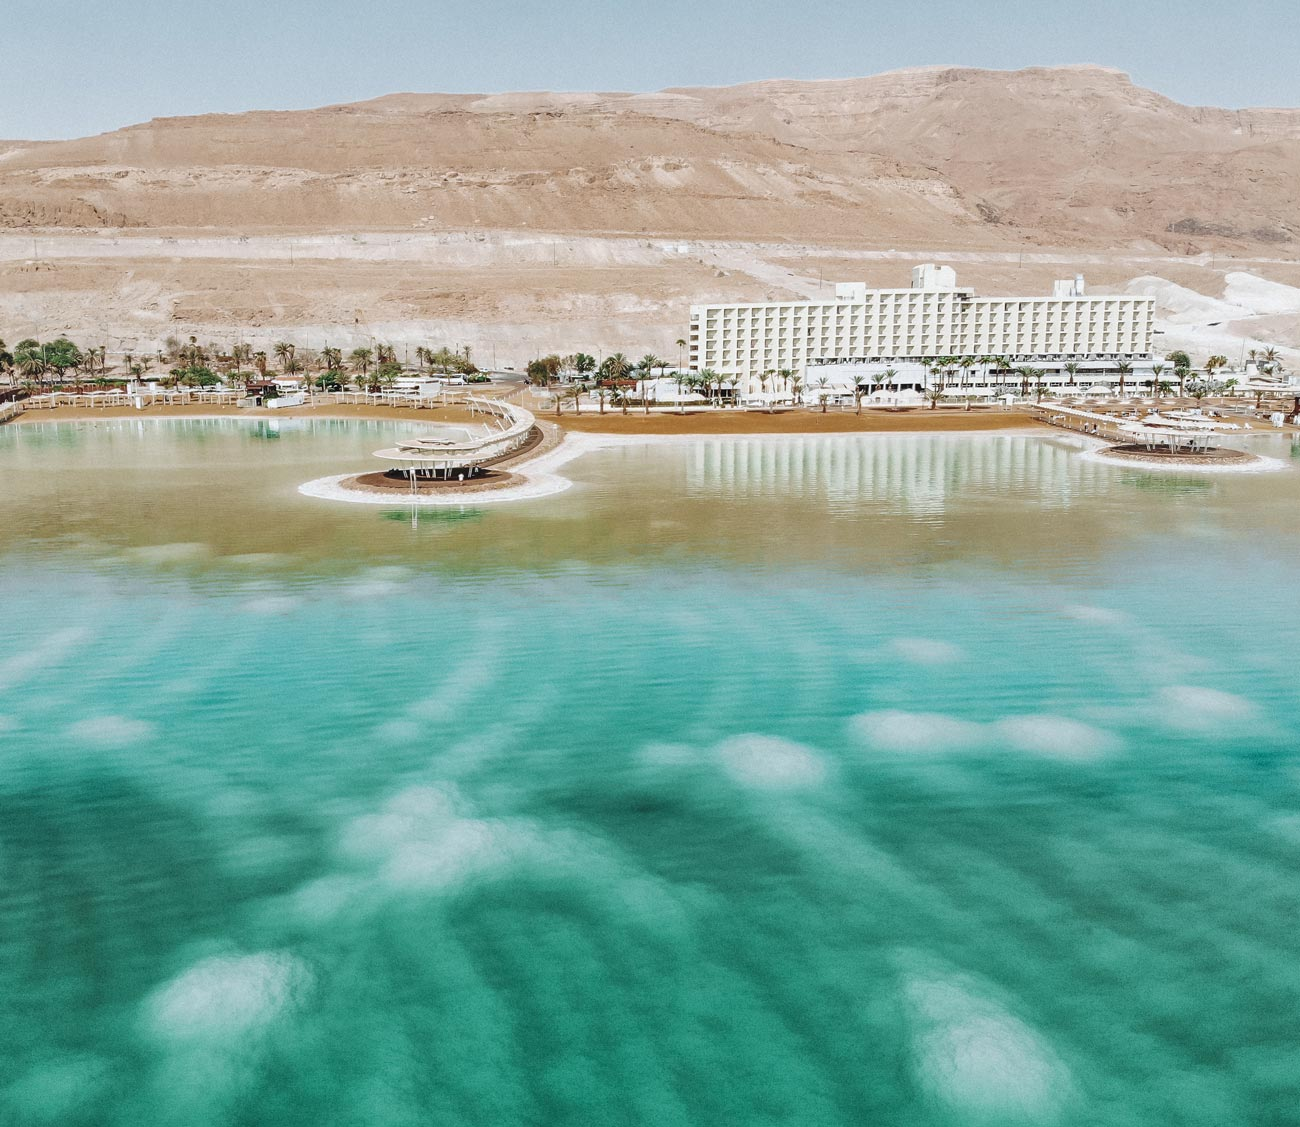 dead-sea-israel-side-drone-view-hotels